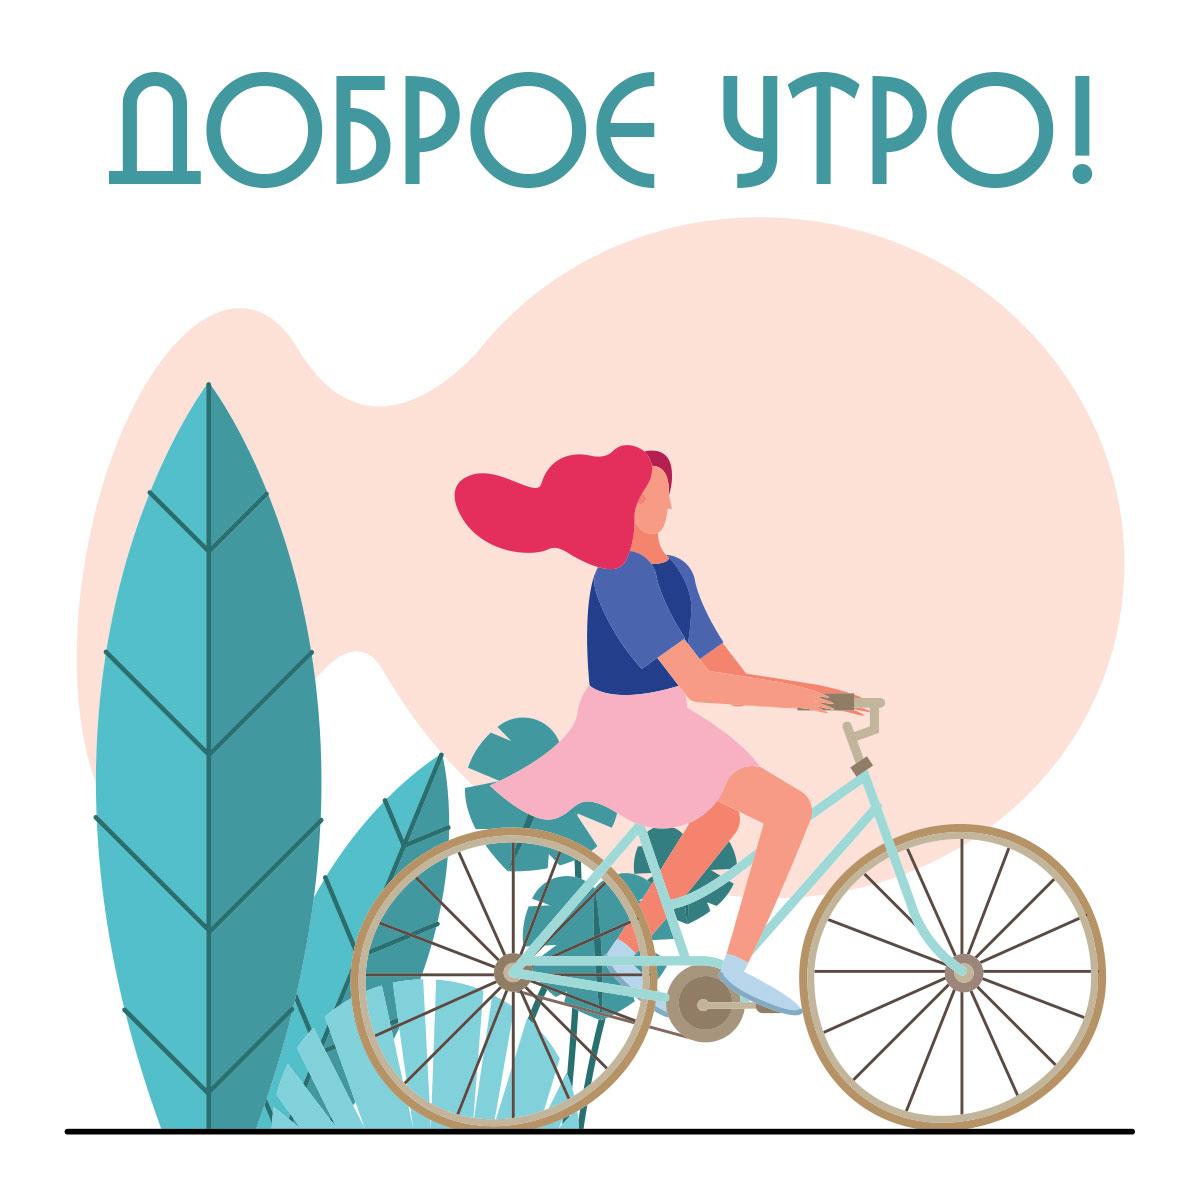 Девушка с красными волосами едет на двухколёсном велосипеде.